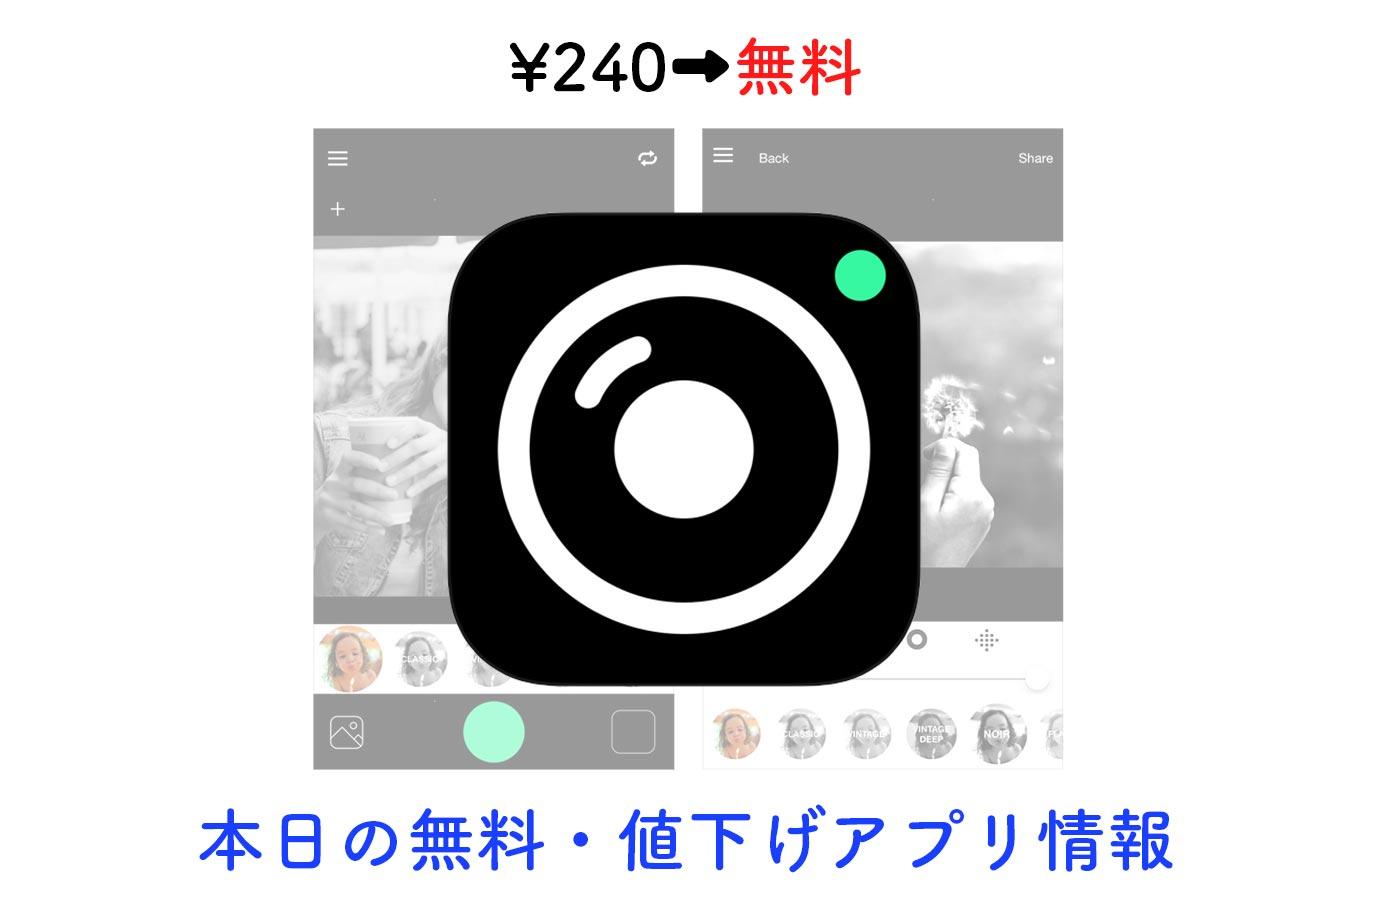 ¥240→無料、美しいモノクロ写真を撮影できる「BlackCam」など【10/21】本日の無料・値下げアプリ情報